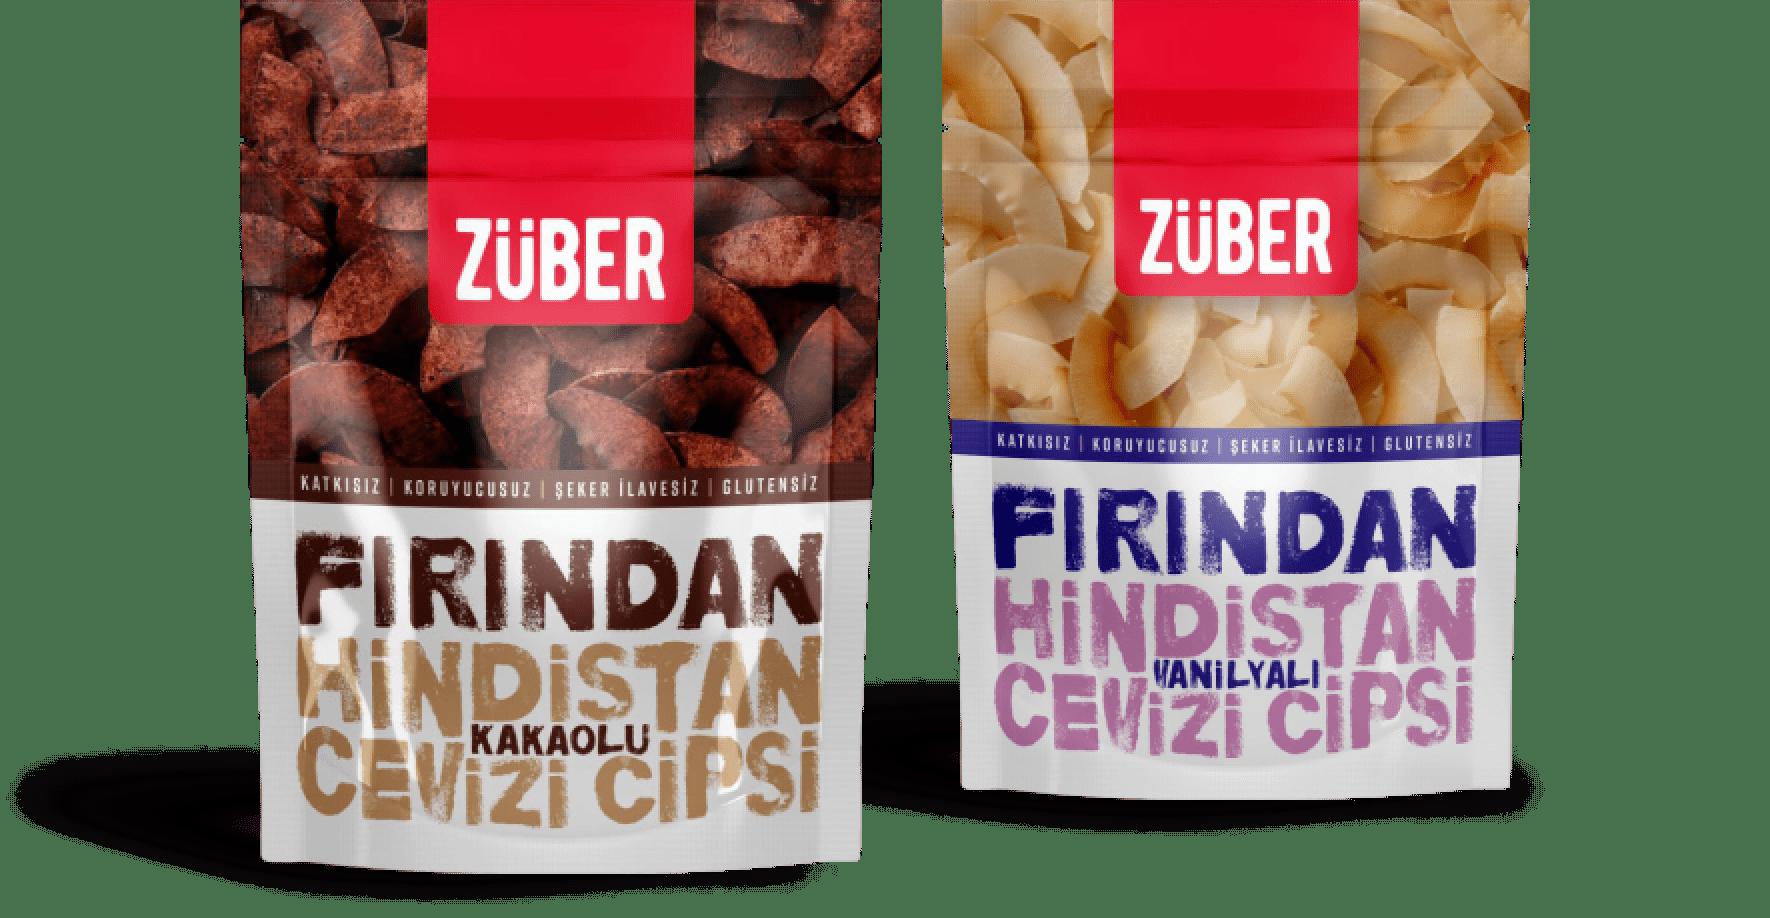 Züber Organik Hindistan Cevizi Cipsi| %100 Doğal, İlave Şekersiz